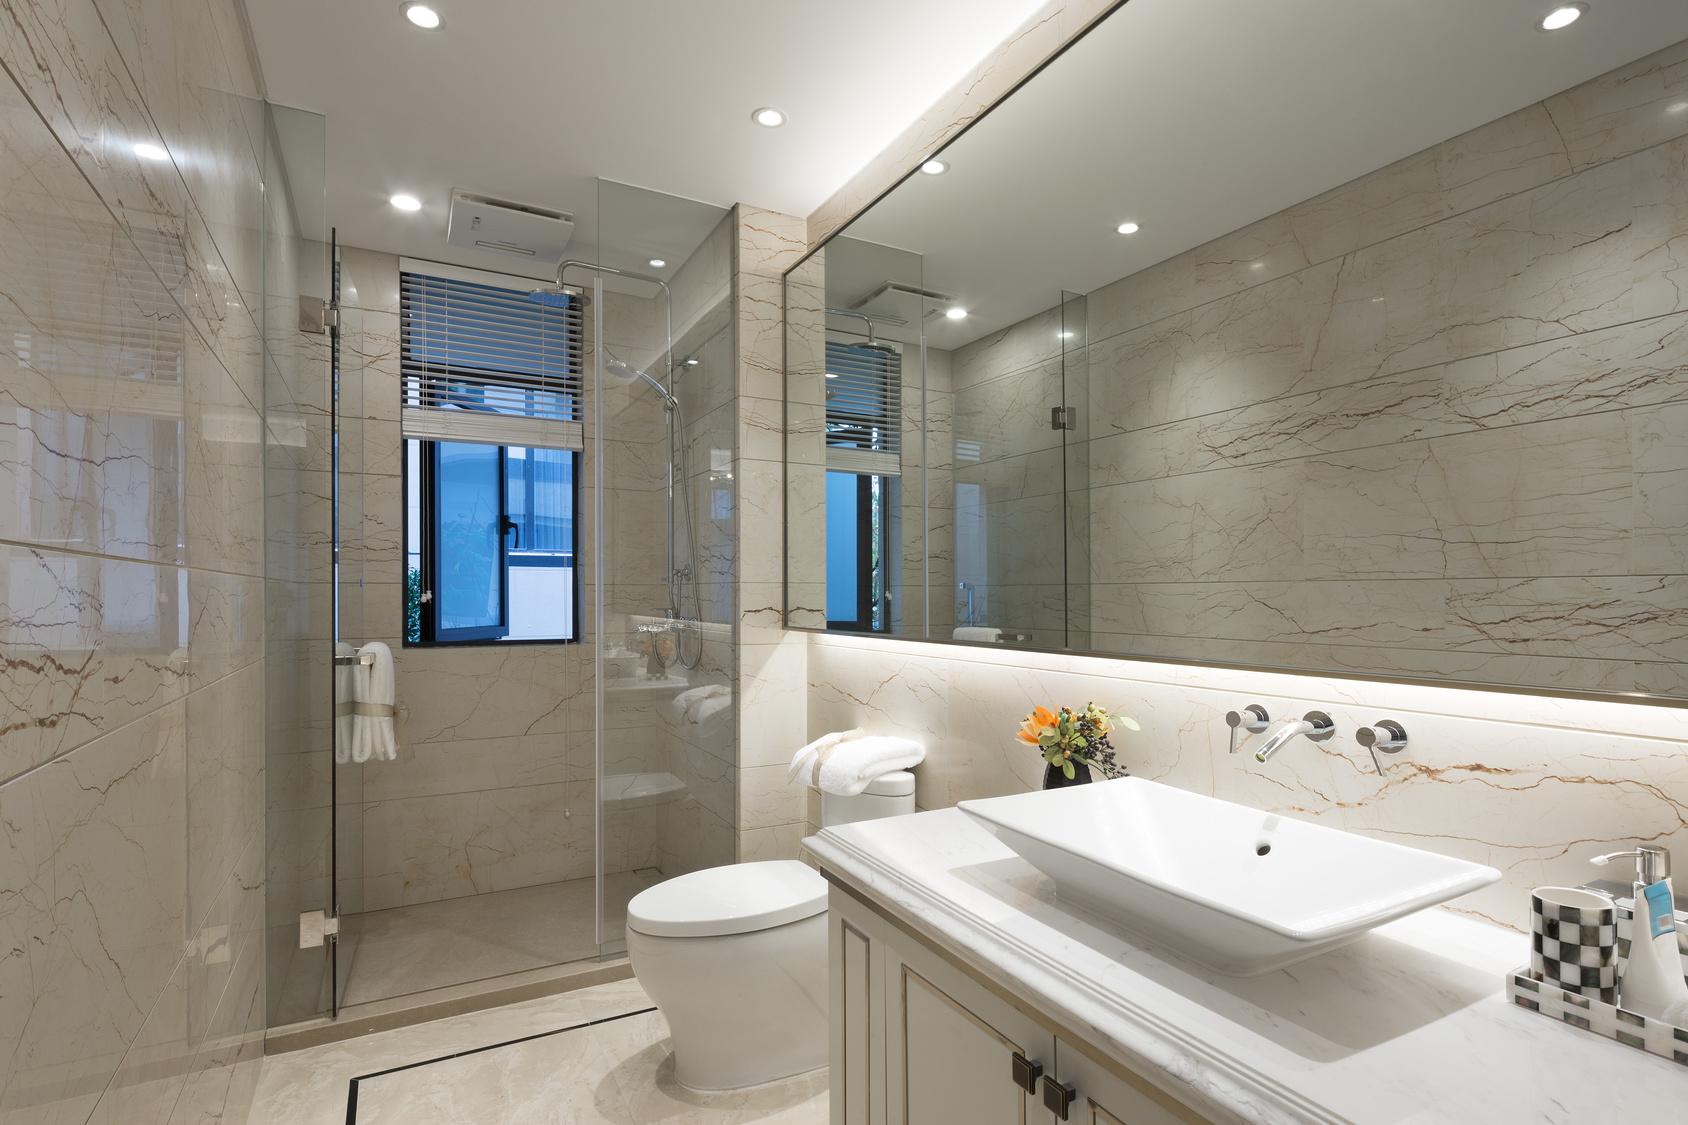 Bathroom Design | Premier Kitchen & Bath Gallery | Midland MI